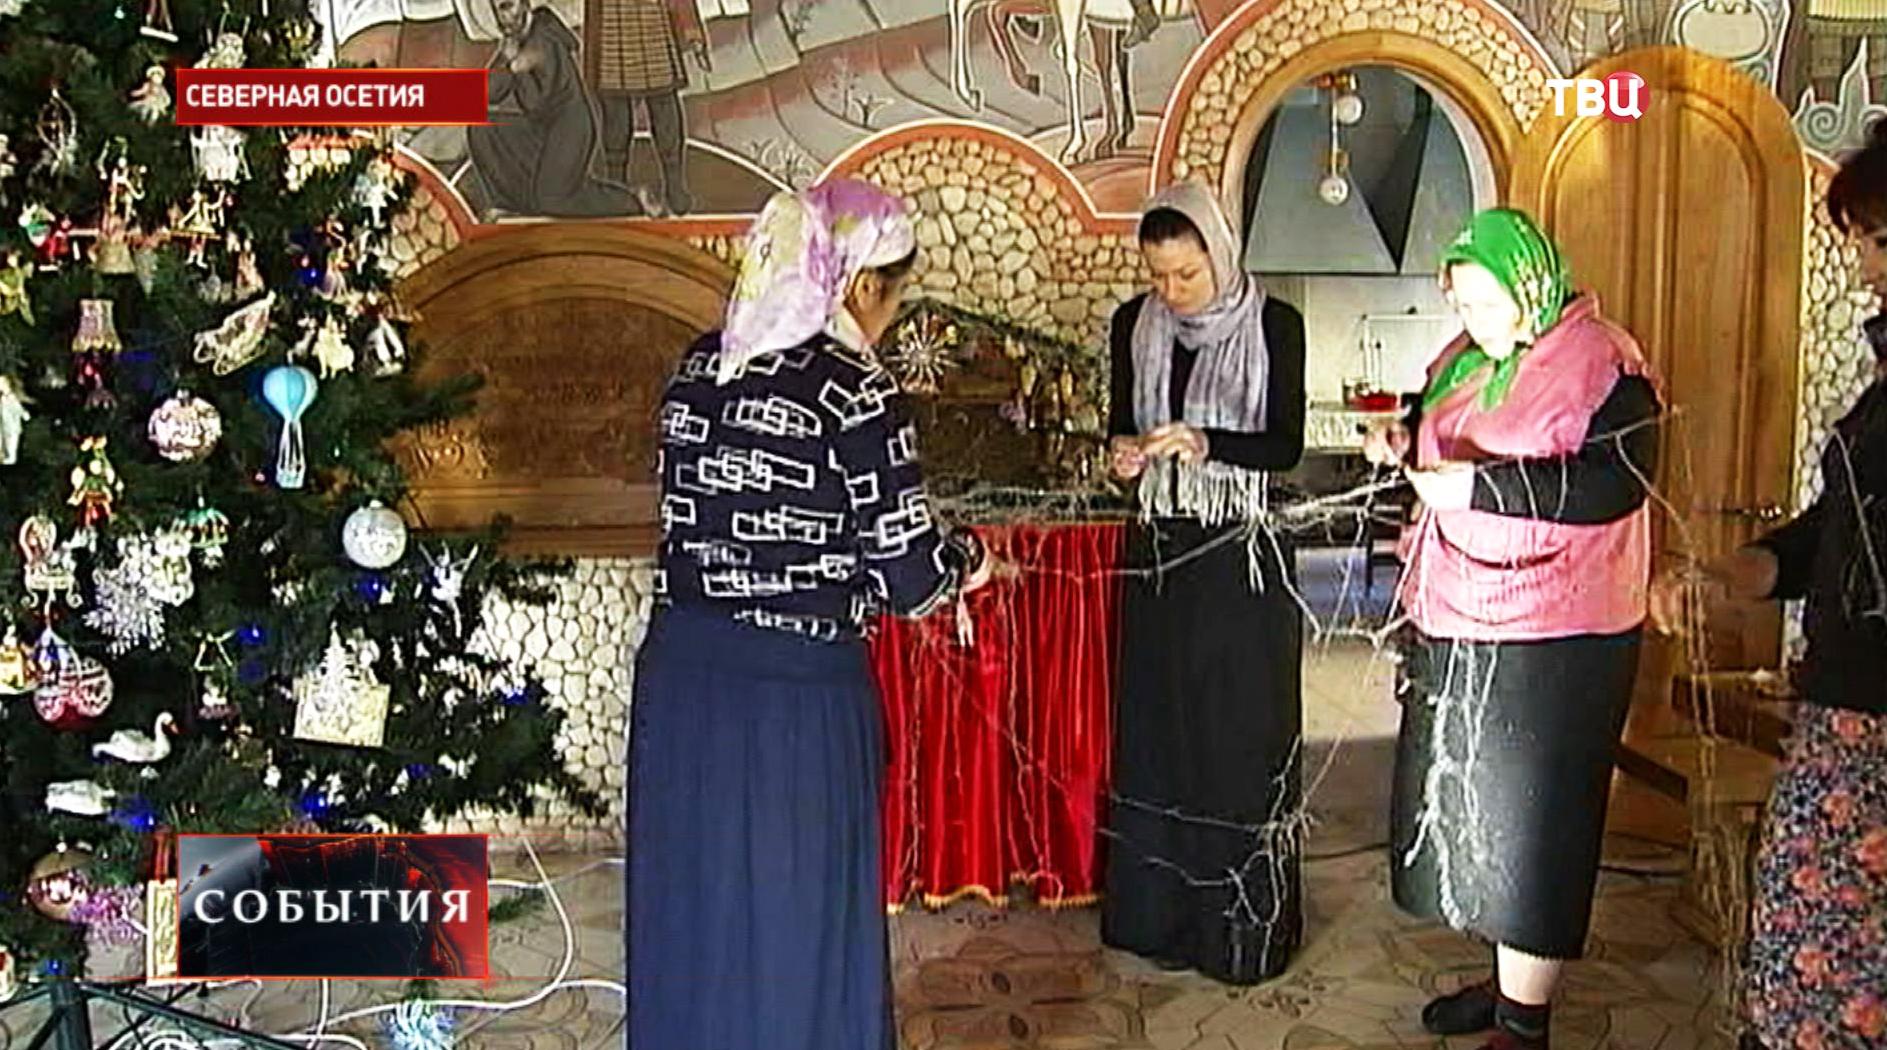 Подготовка к встрече Рождества в монастыре Северной Осетии